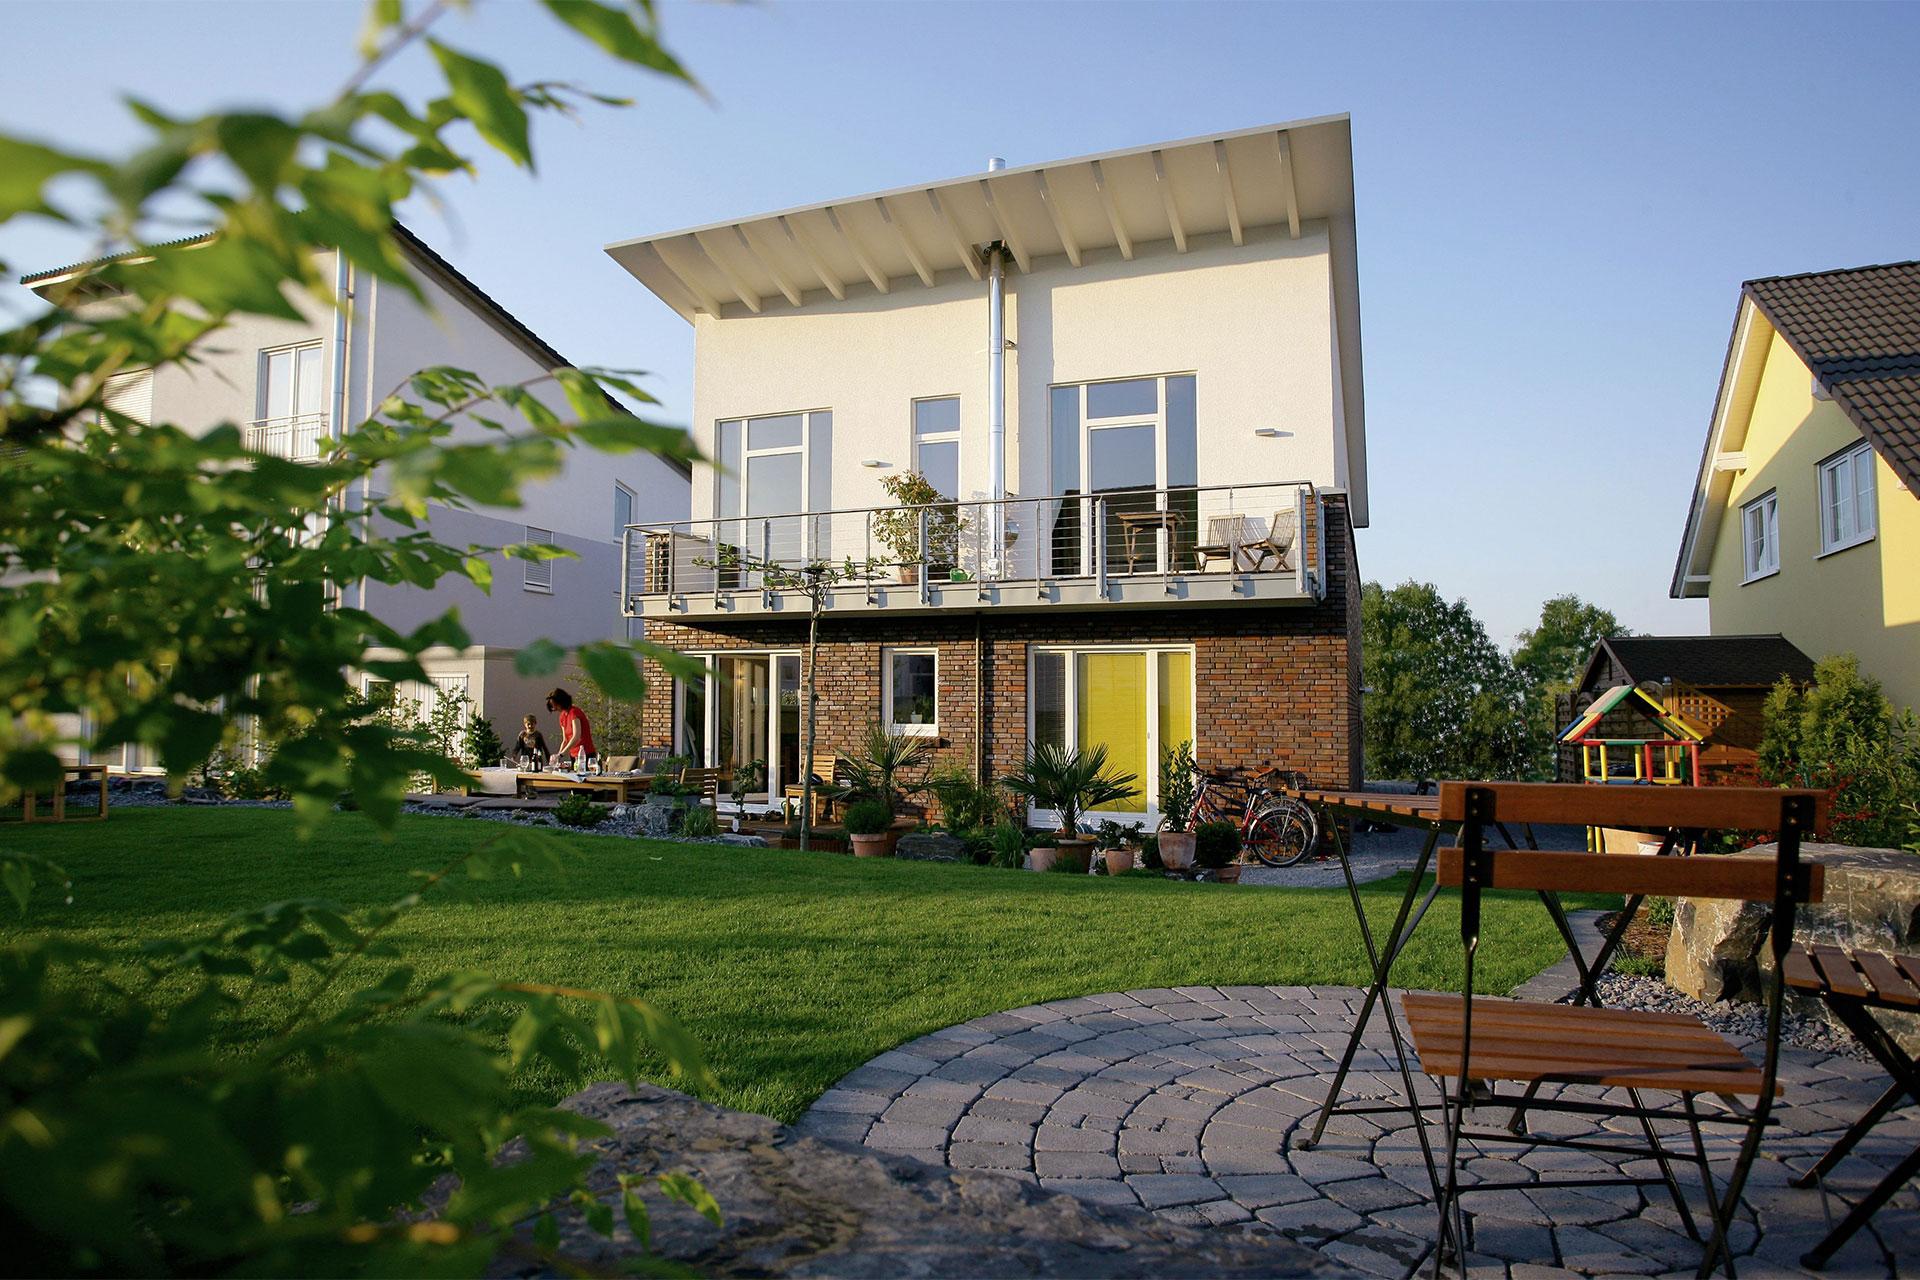 fertighaus mit pultdach und individueller wohnraumaufteilungma geschneidertes pultdach. Black Bedroom Furniture Sets. Home Design Ideas